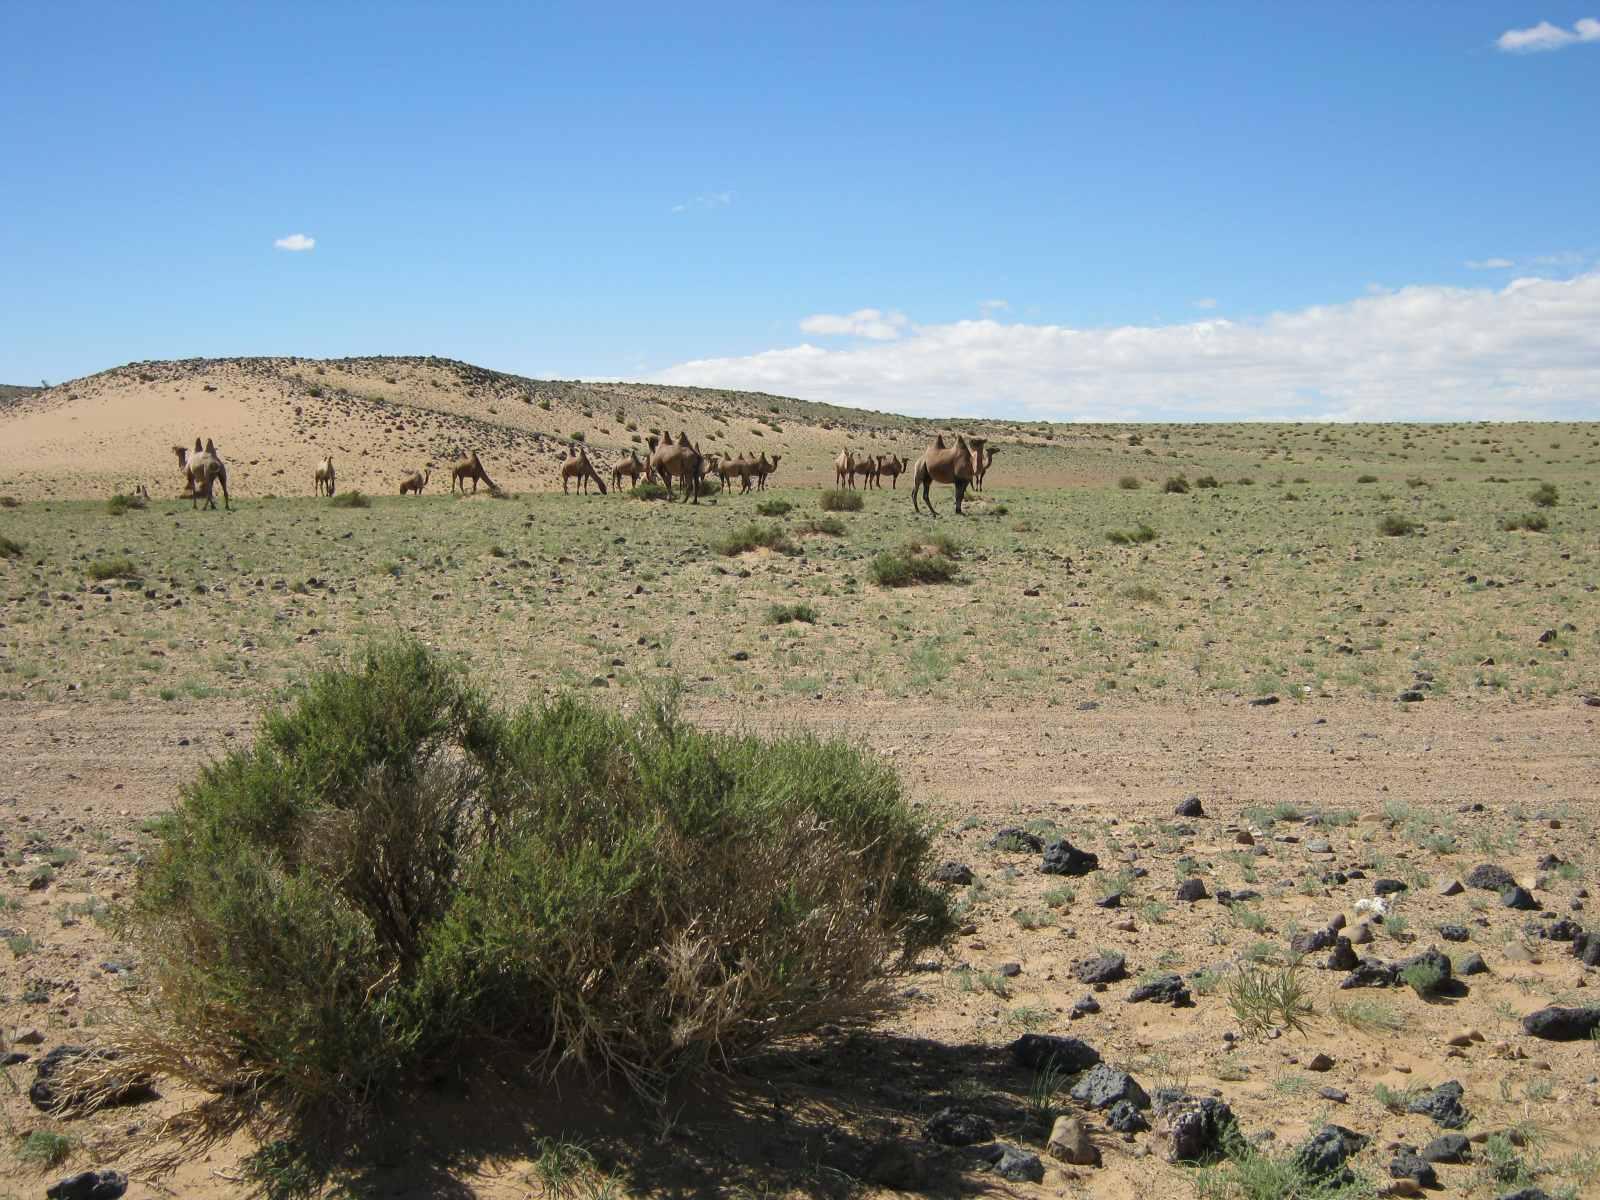 Die ersten Kamele kreuzen den Weg – die Wüste ist nicht mehr weit